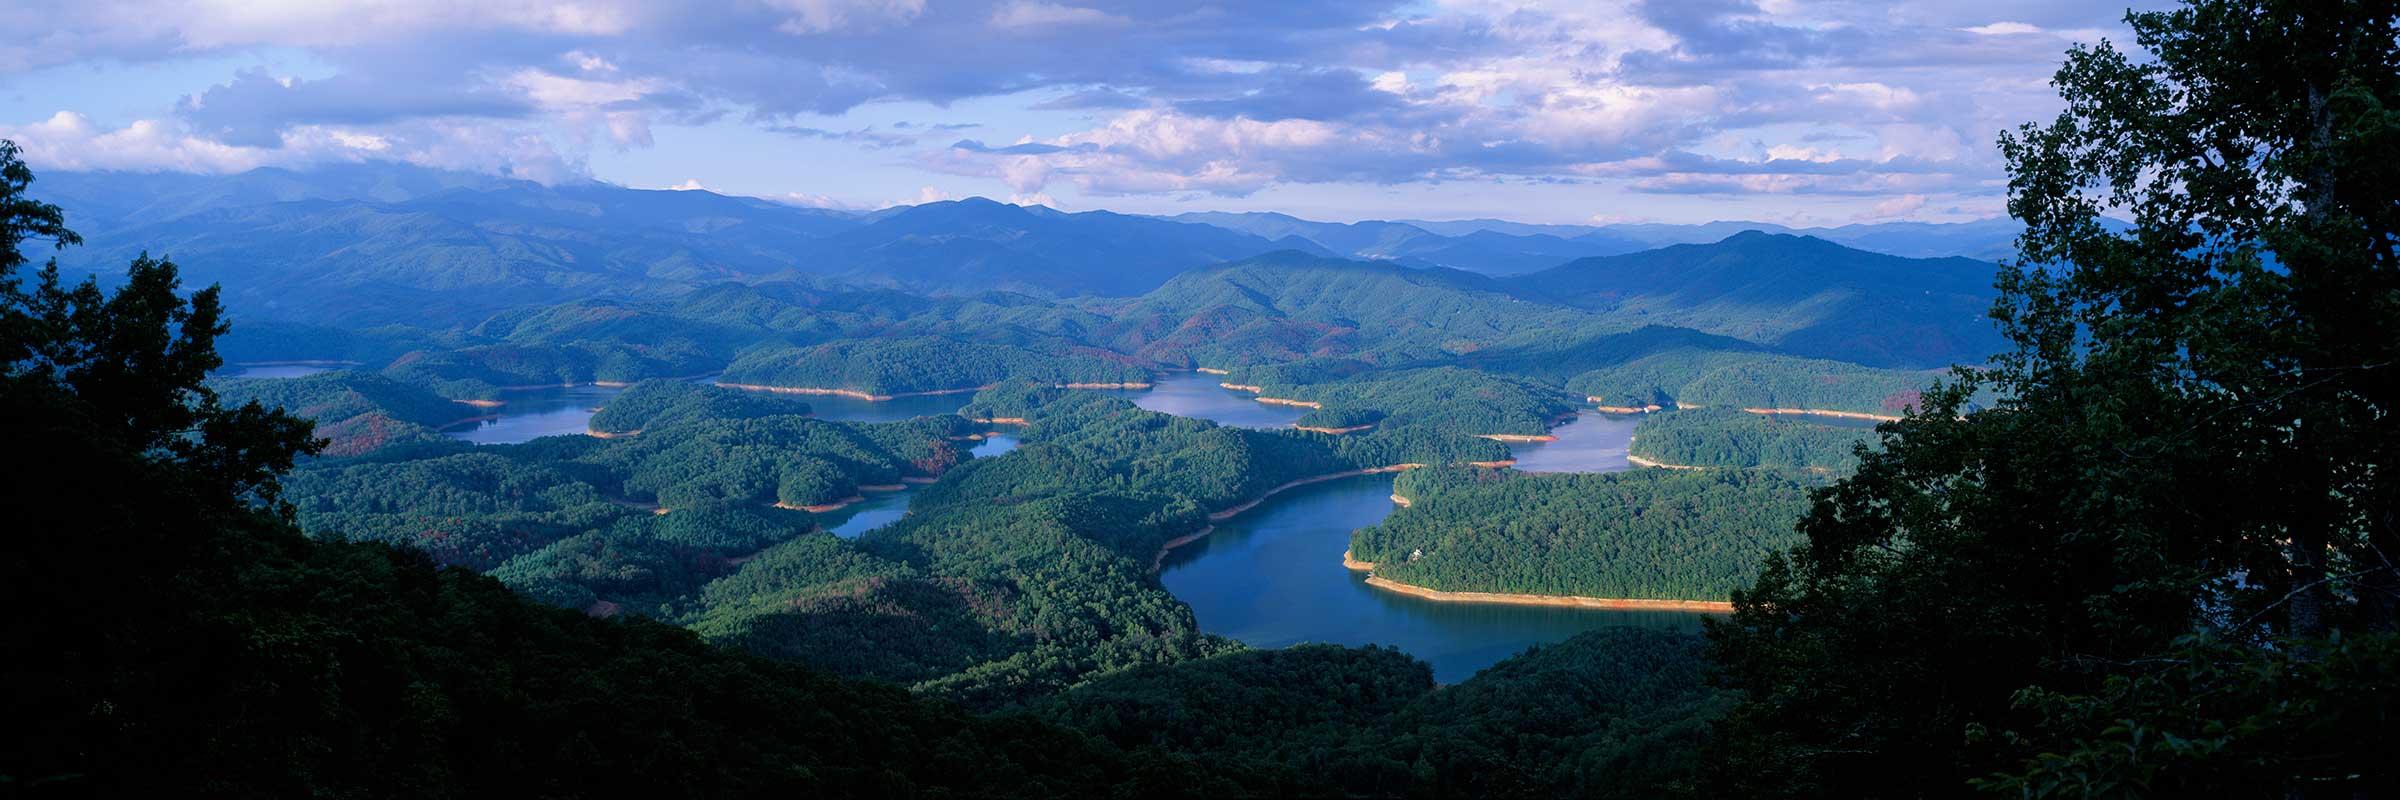 fontana-lake-view